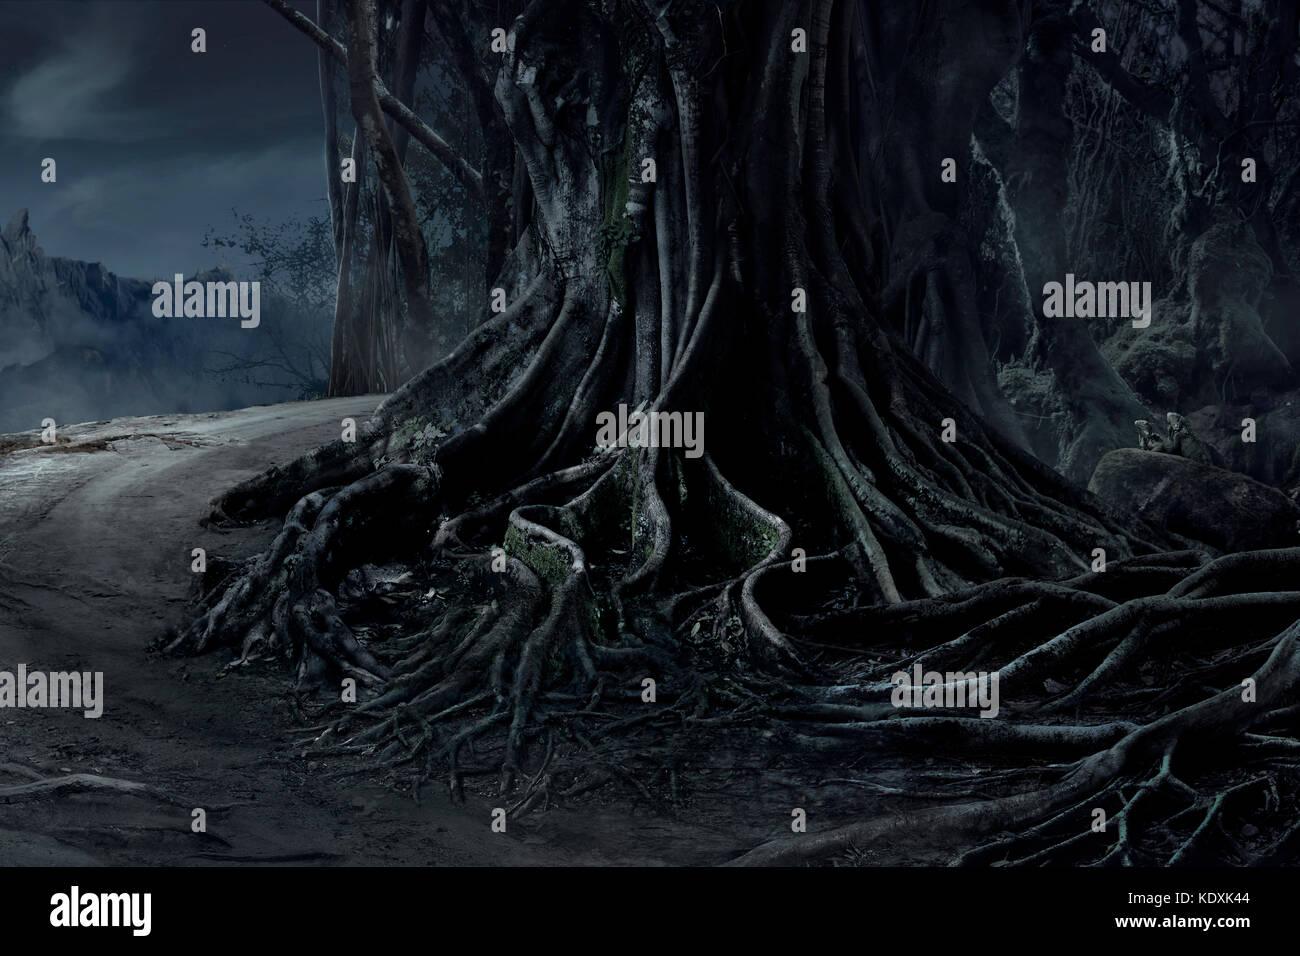 Spooky Halloween mort mystérieuse forêt grand arbre paysage avec fond de brouillard à la nuit Photo Stock